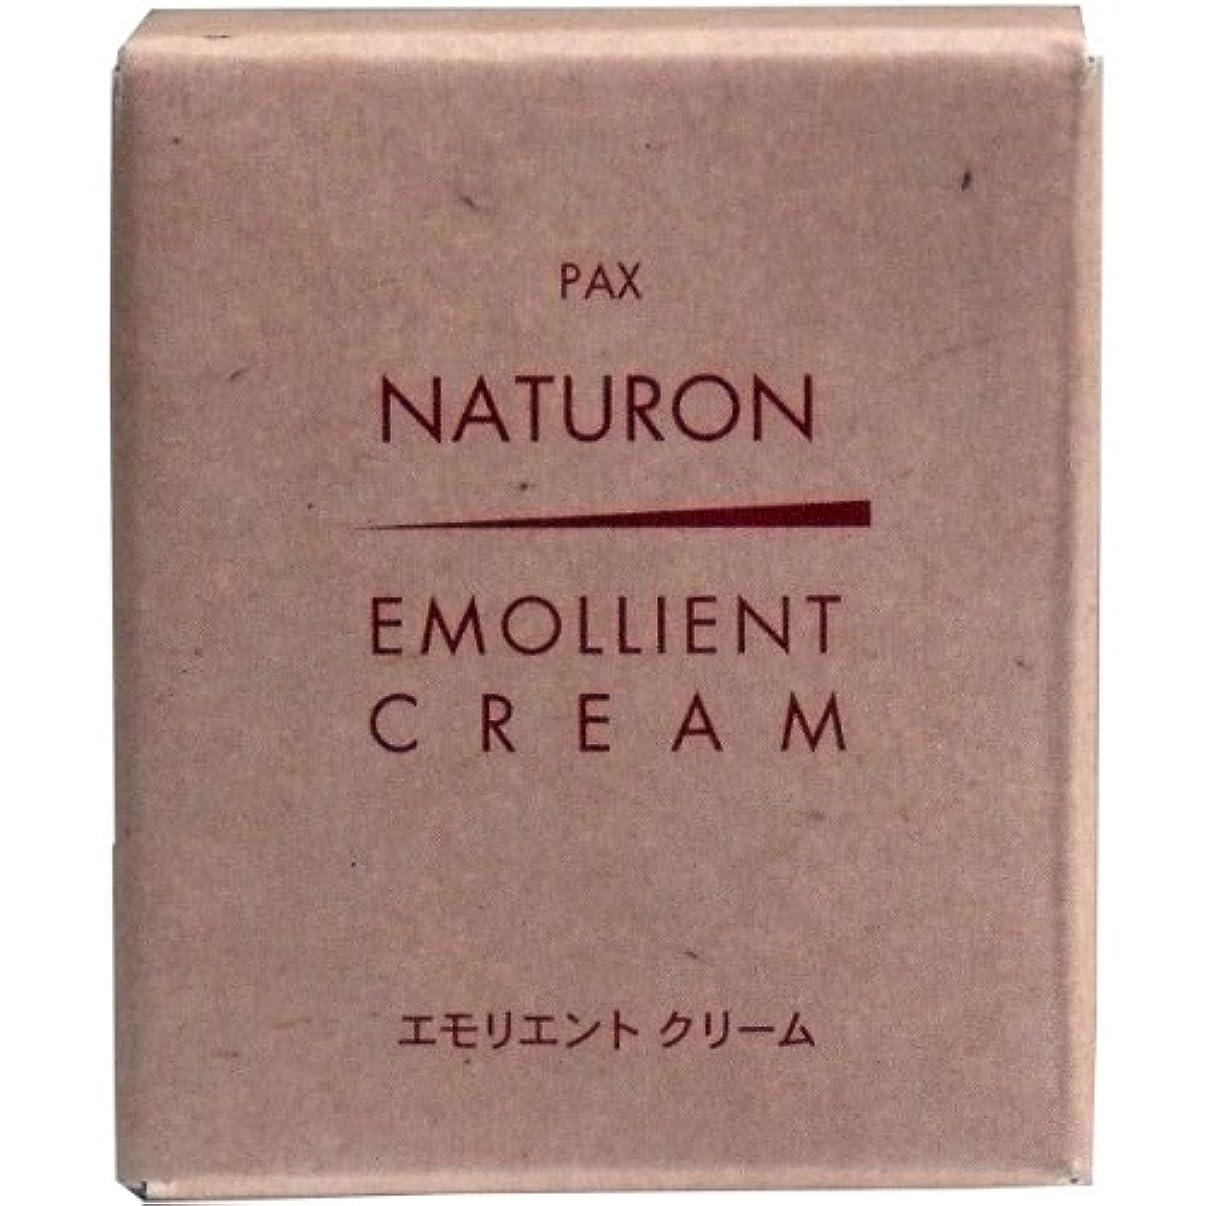 グロー符号同時【セット品】パックスナチュロン エモリエントクリーム (保湿クリーム) 35g ×3個